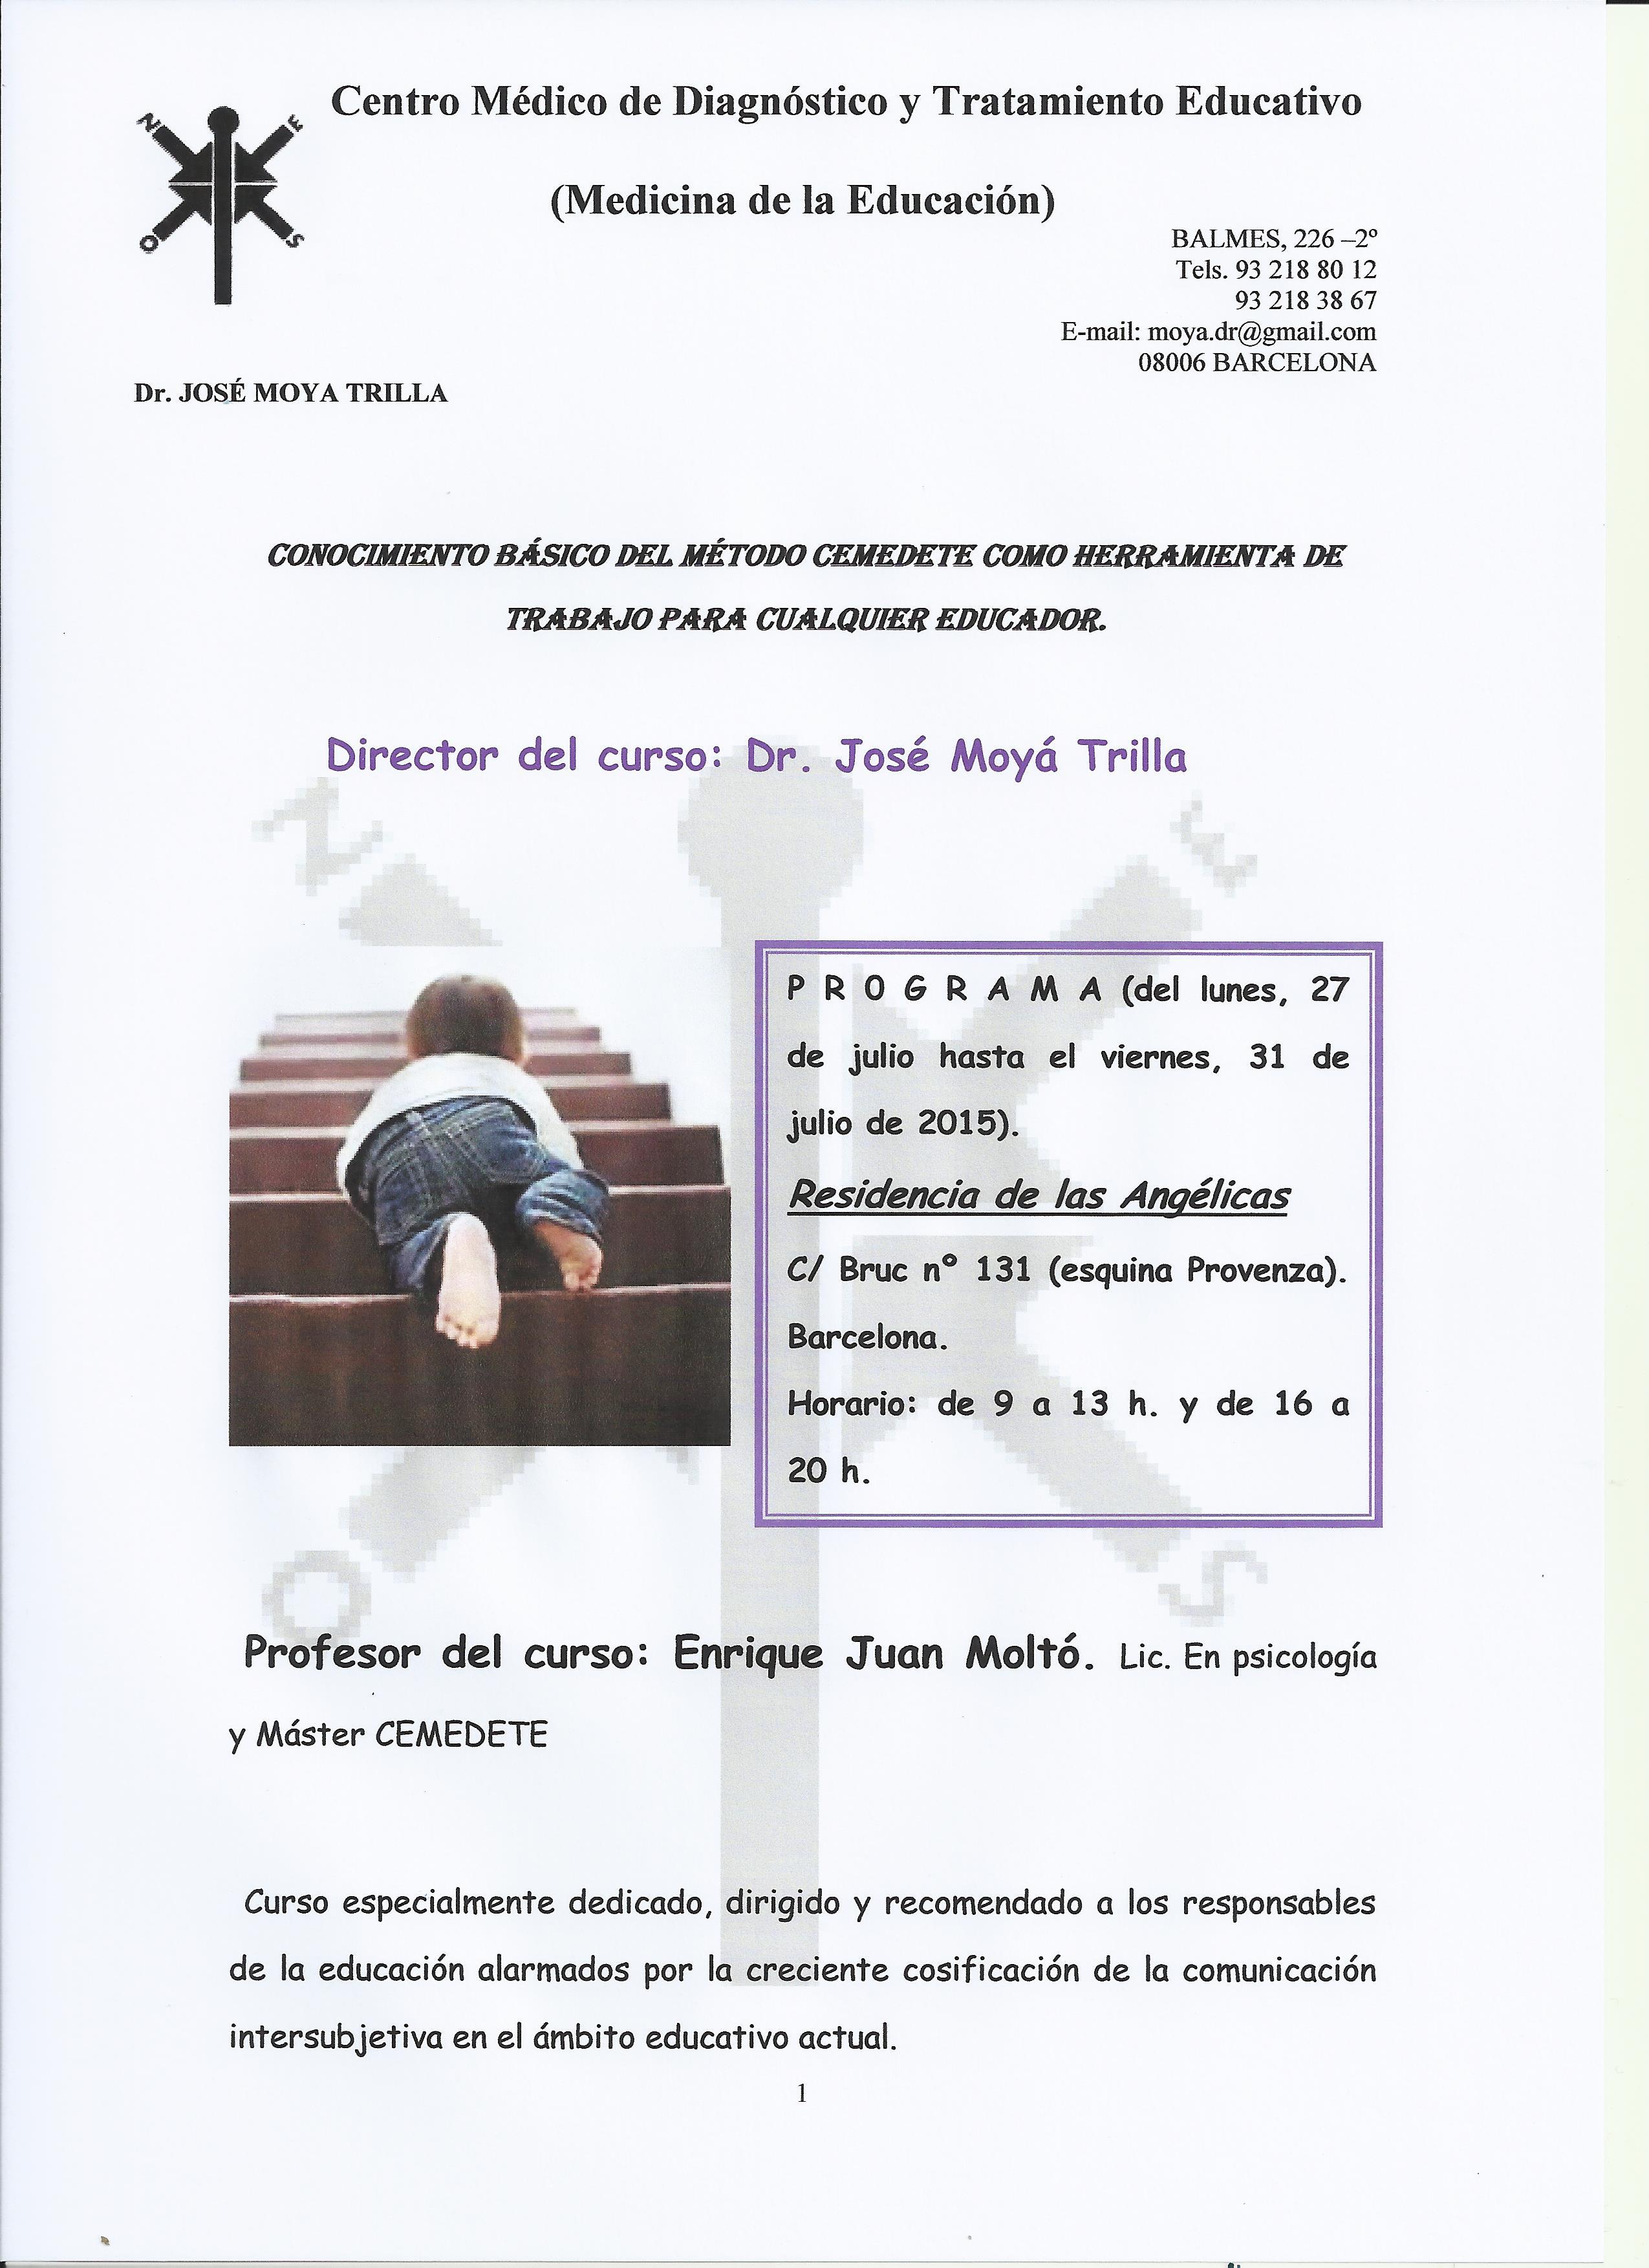 Cartel curso cemedete verano 2015